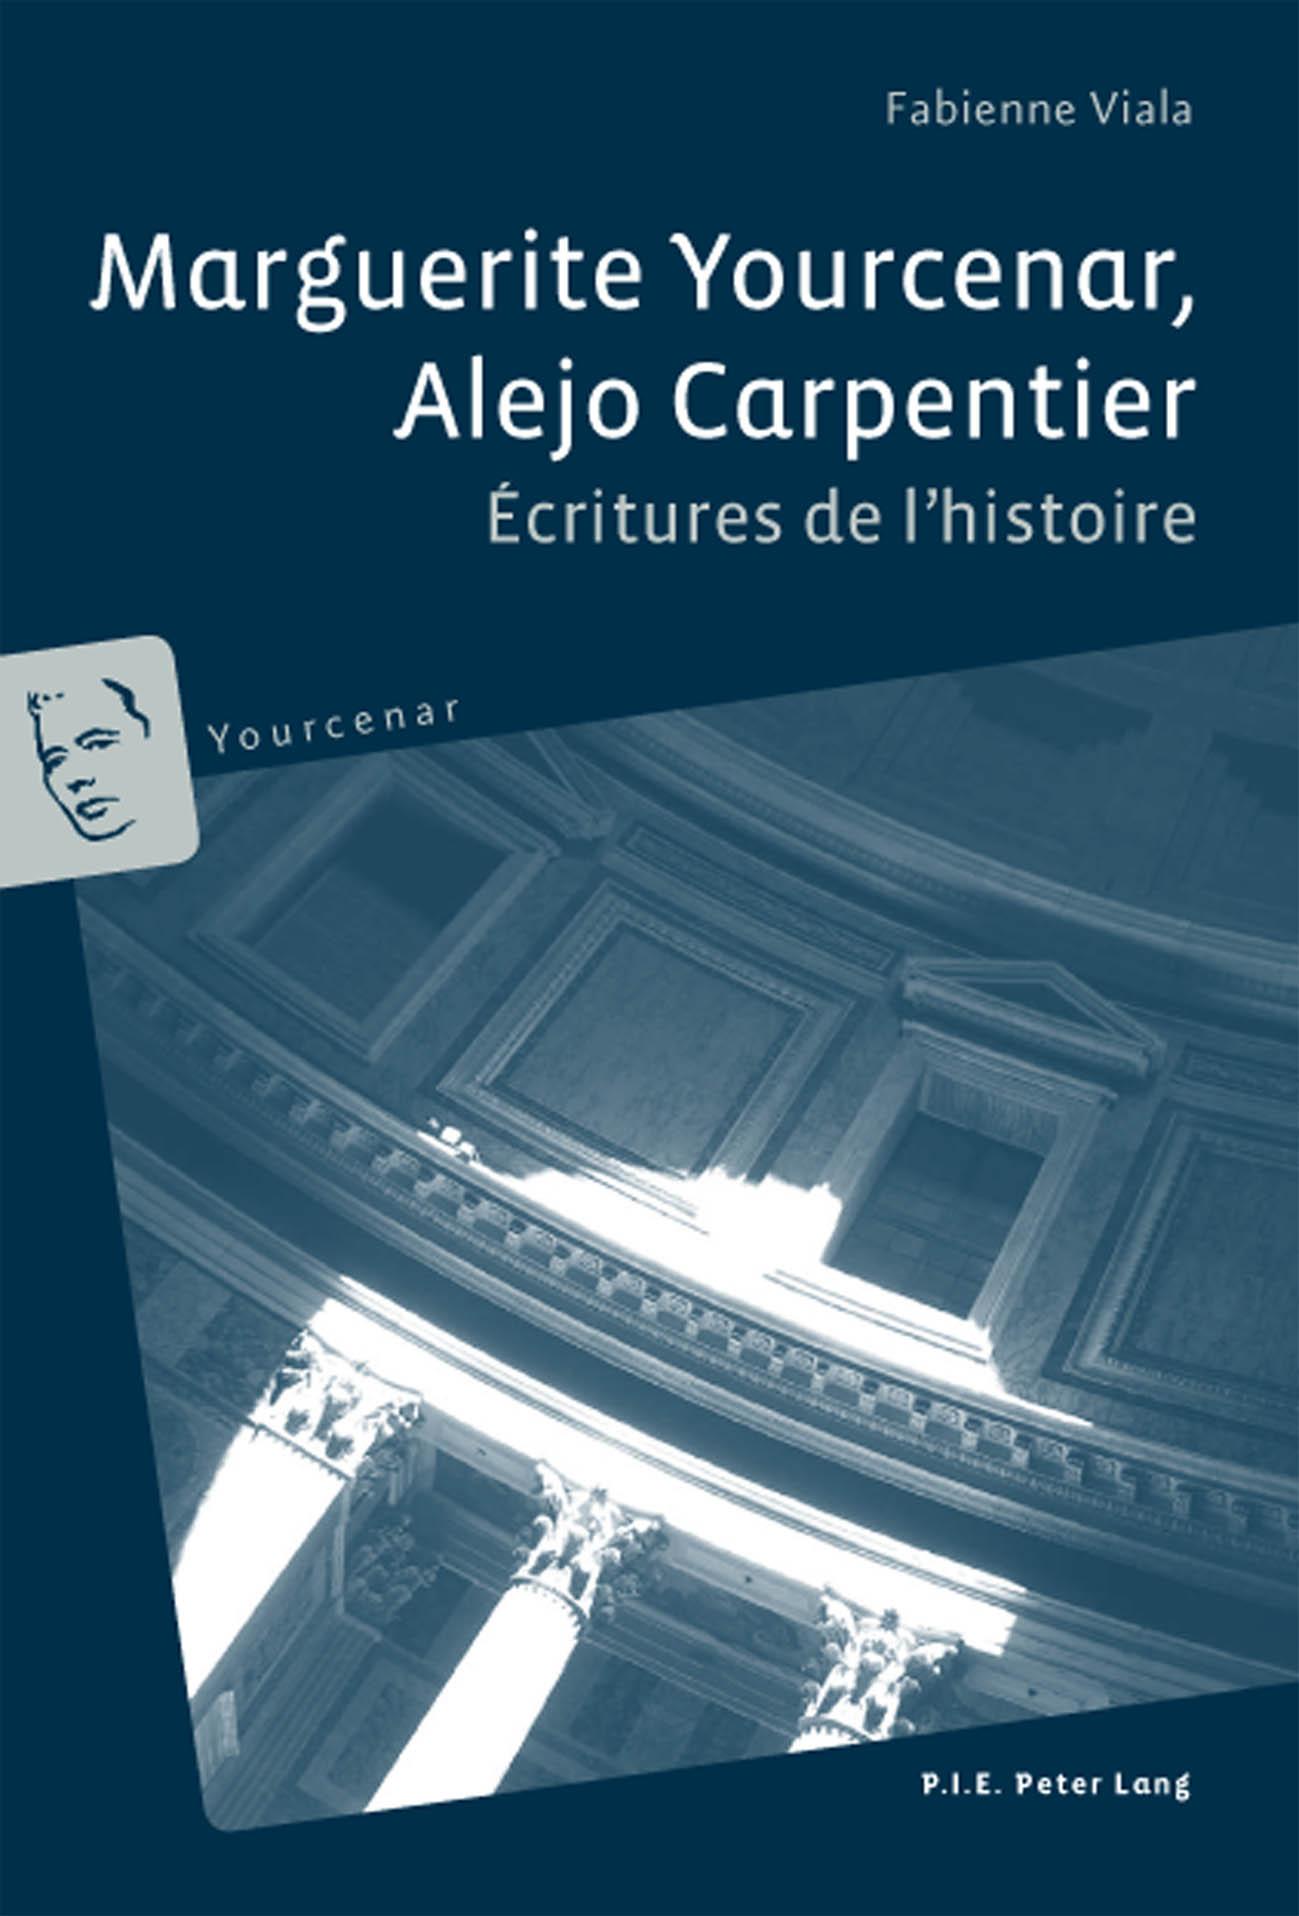 MARGUERITE YOURCENAR, ALEJO CARPENTIER